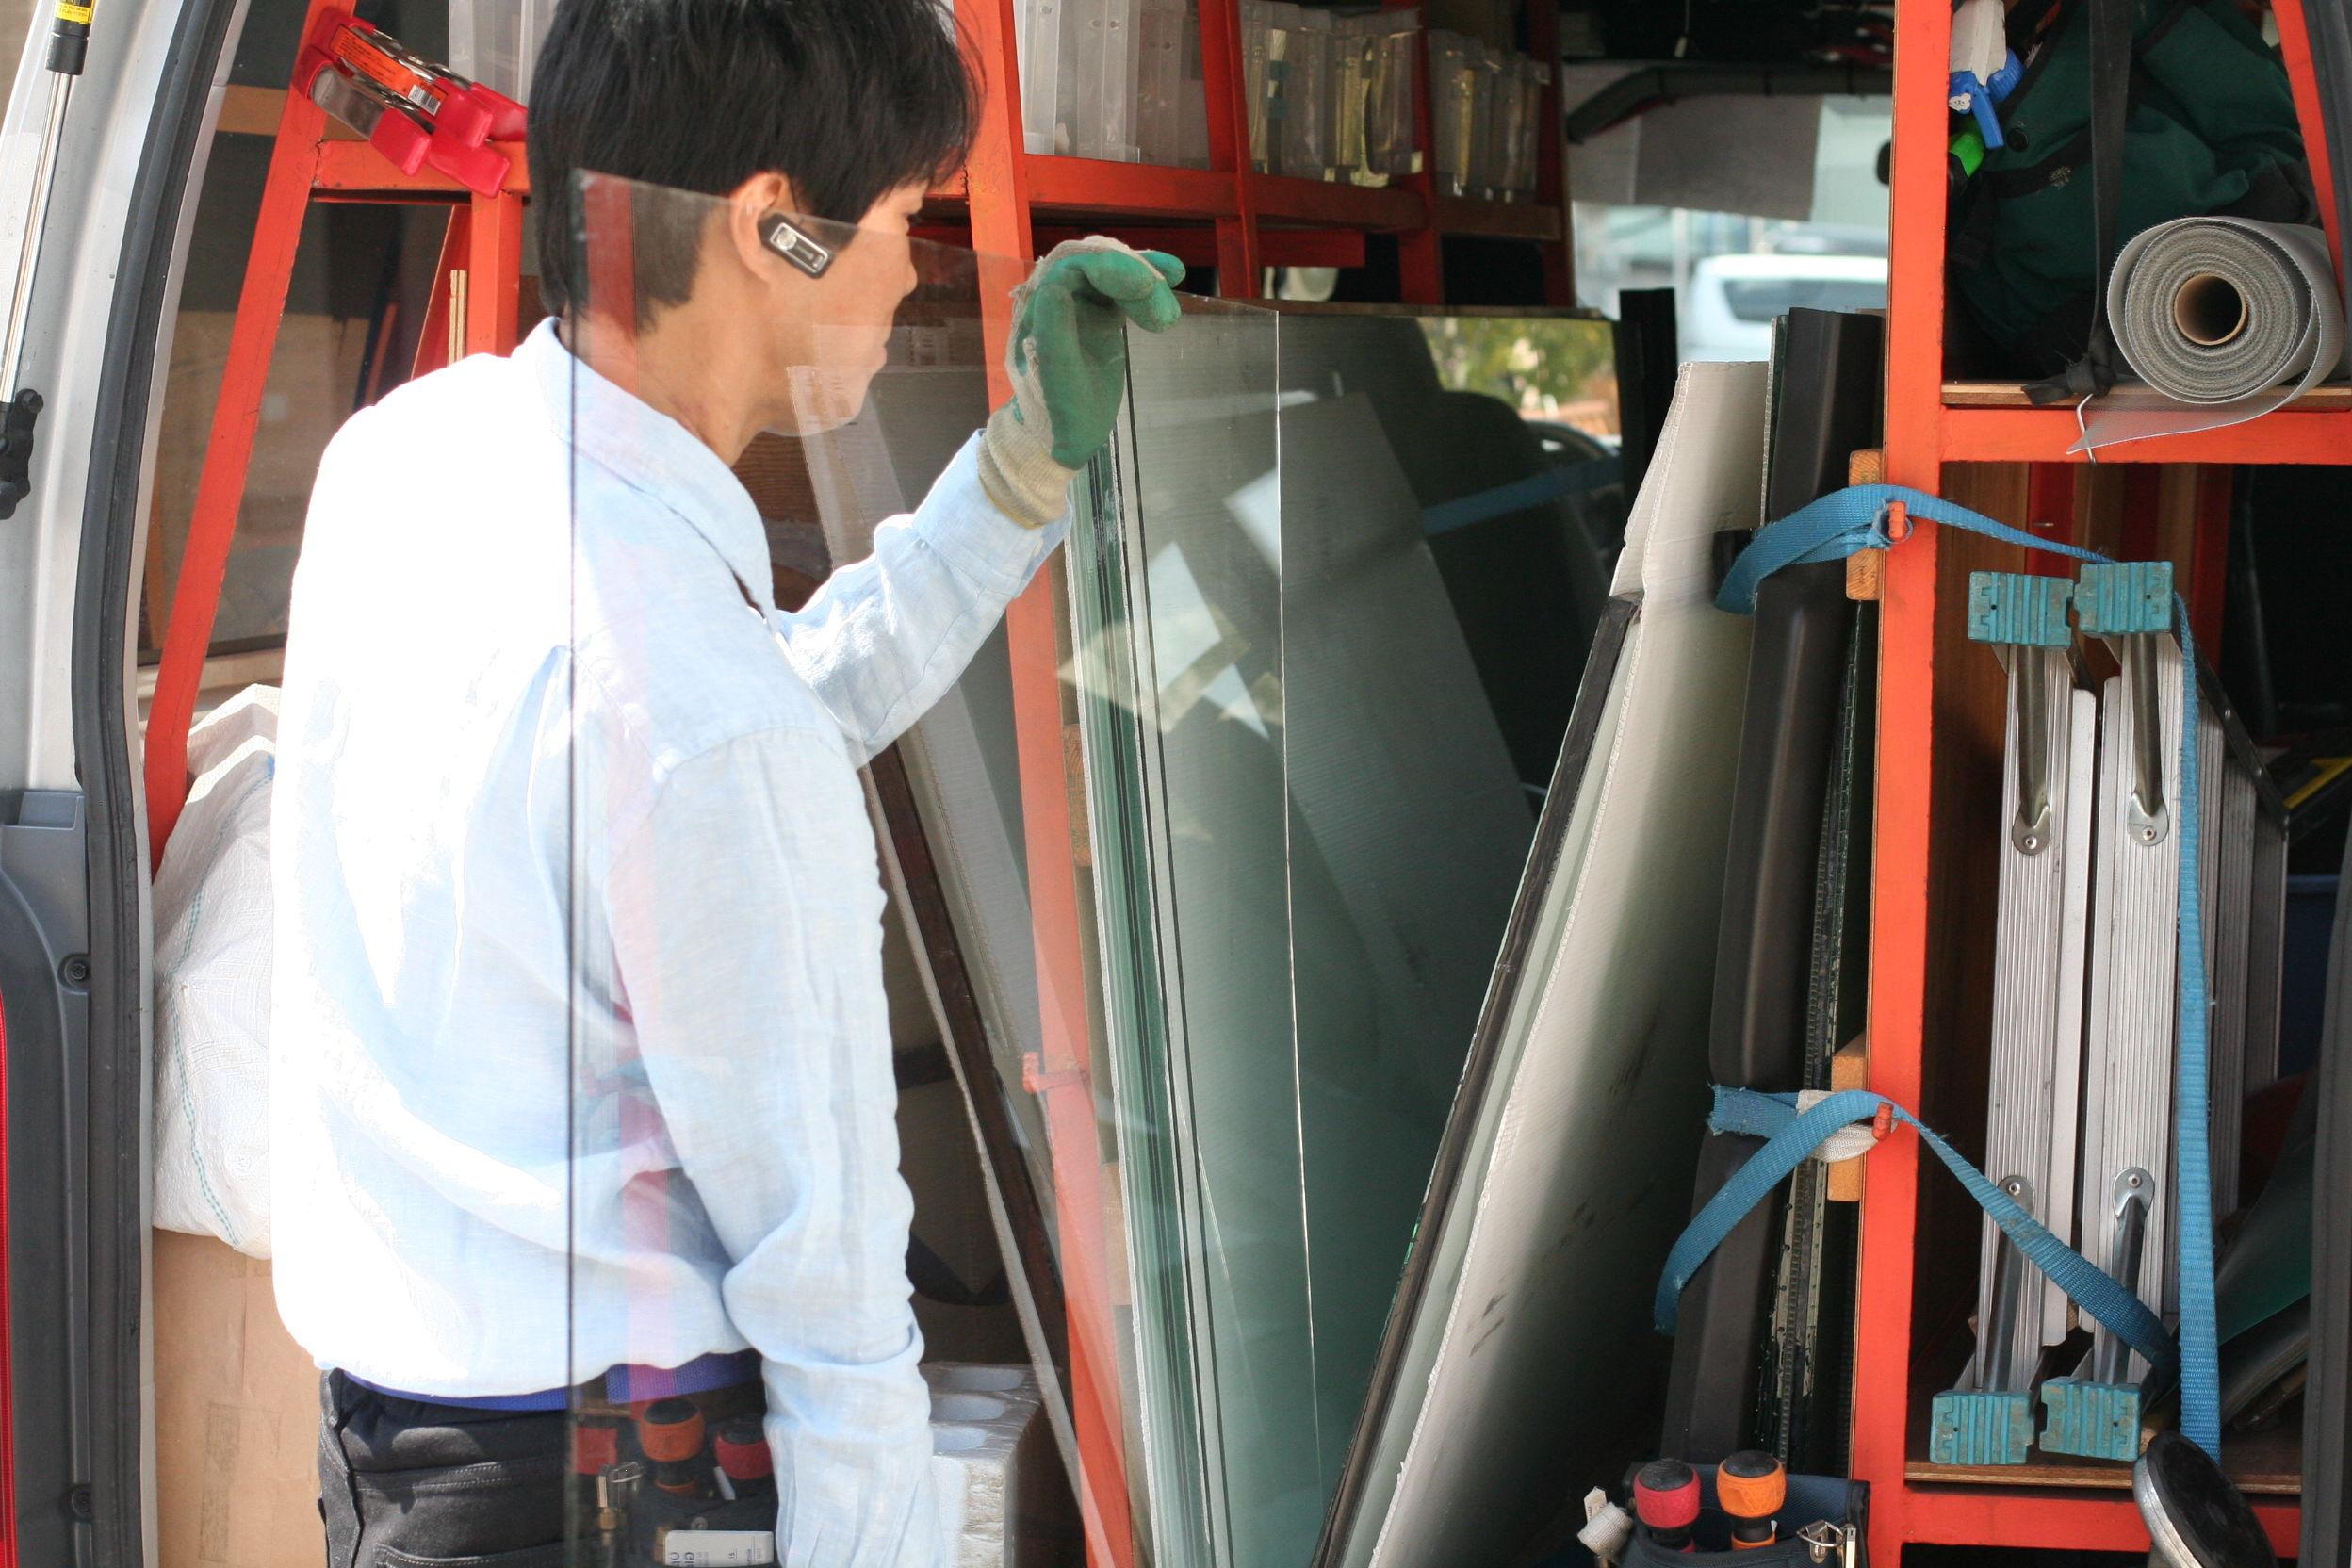 ガラスのトラブル救急車【亀岡市 出張エリア】の店内・外観画像1